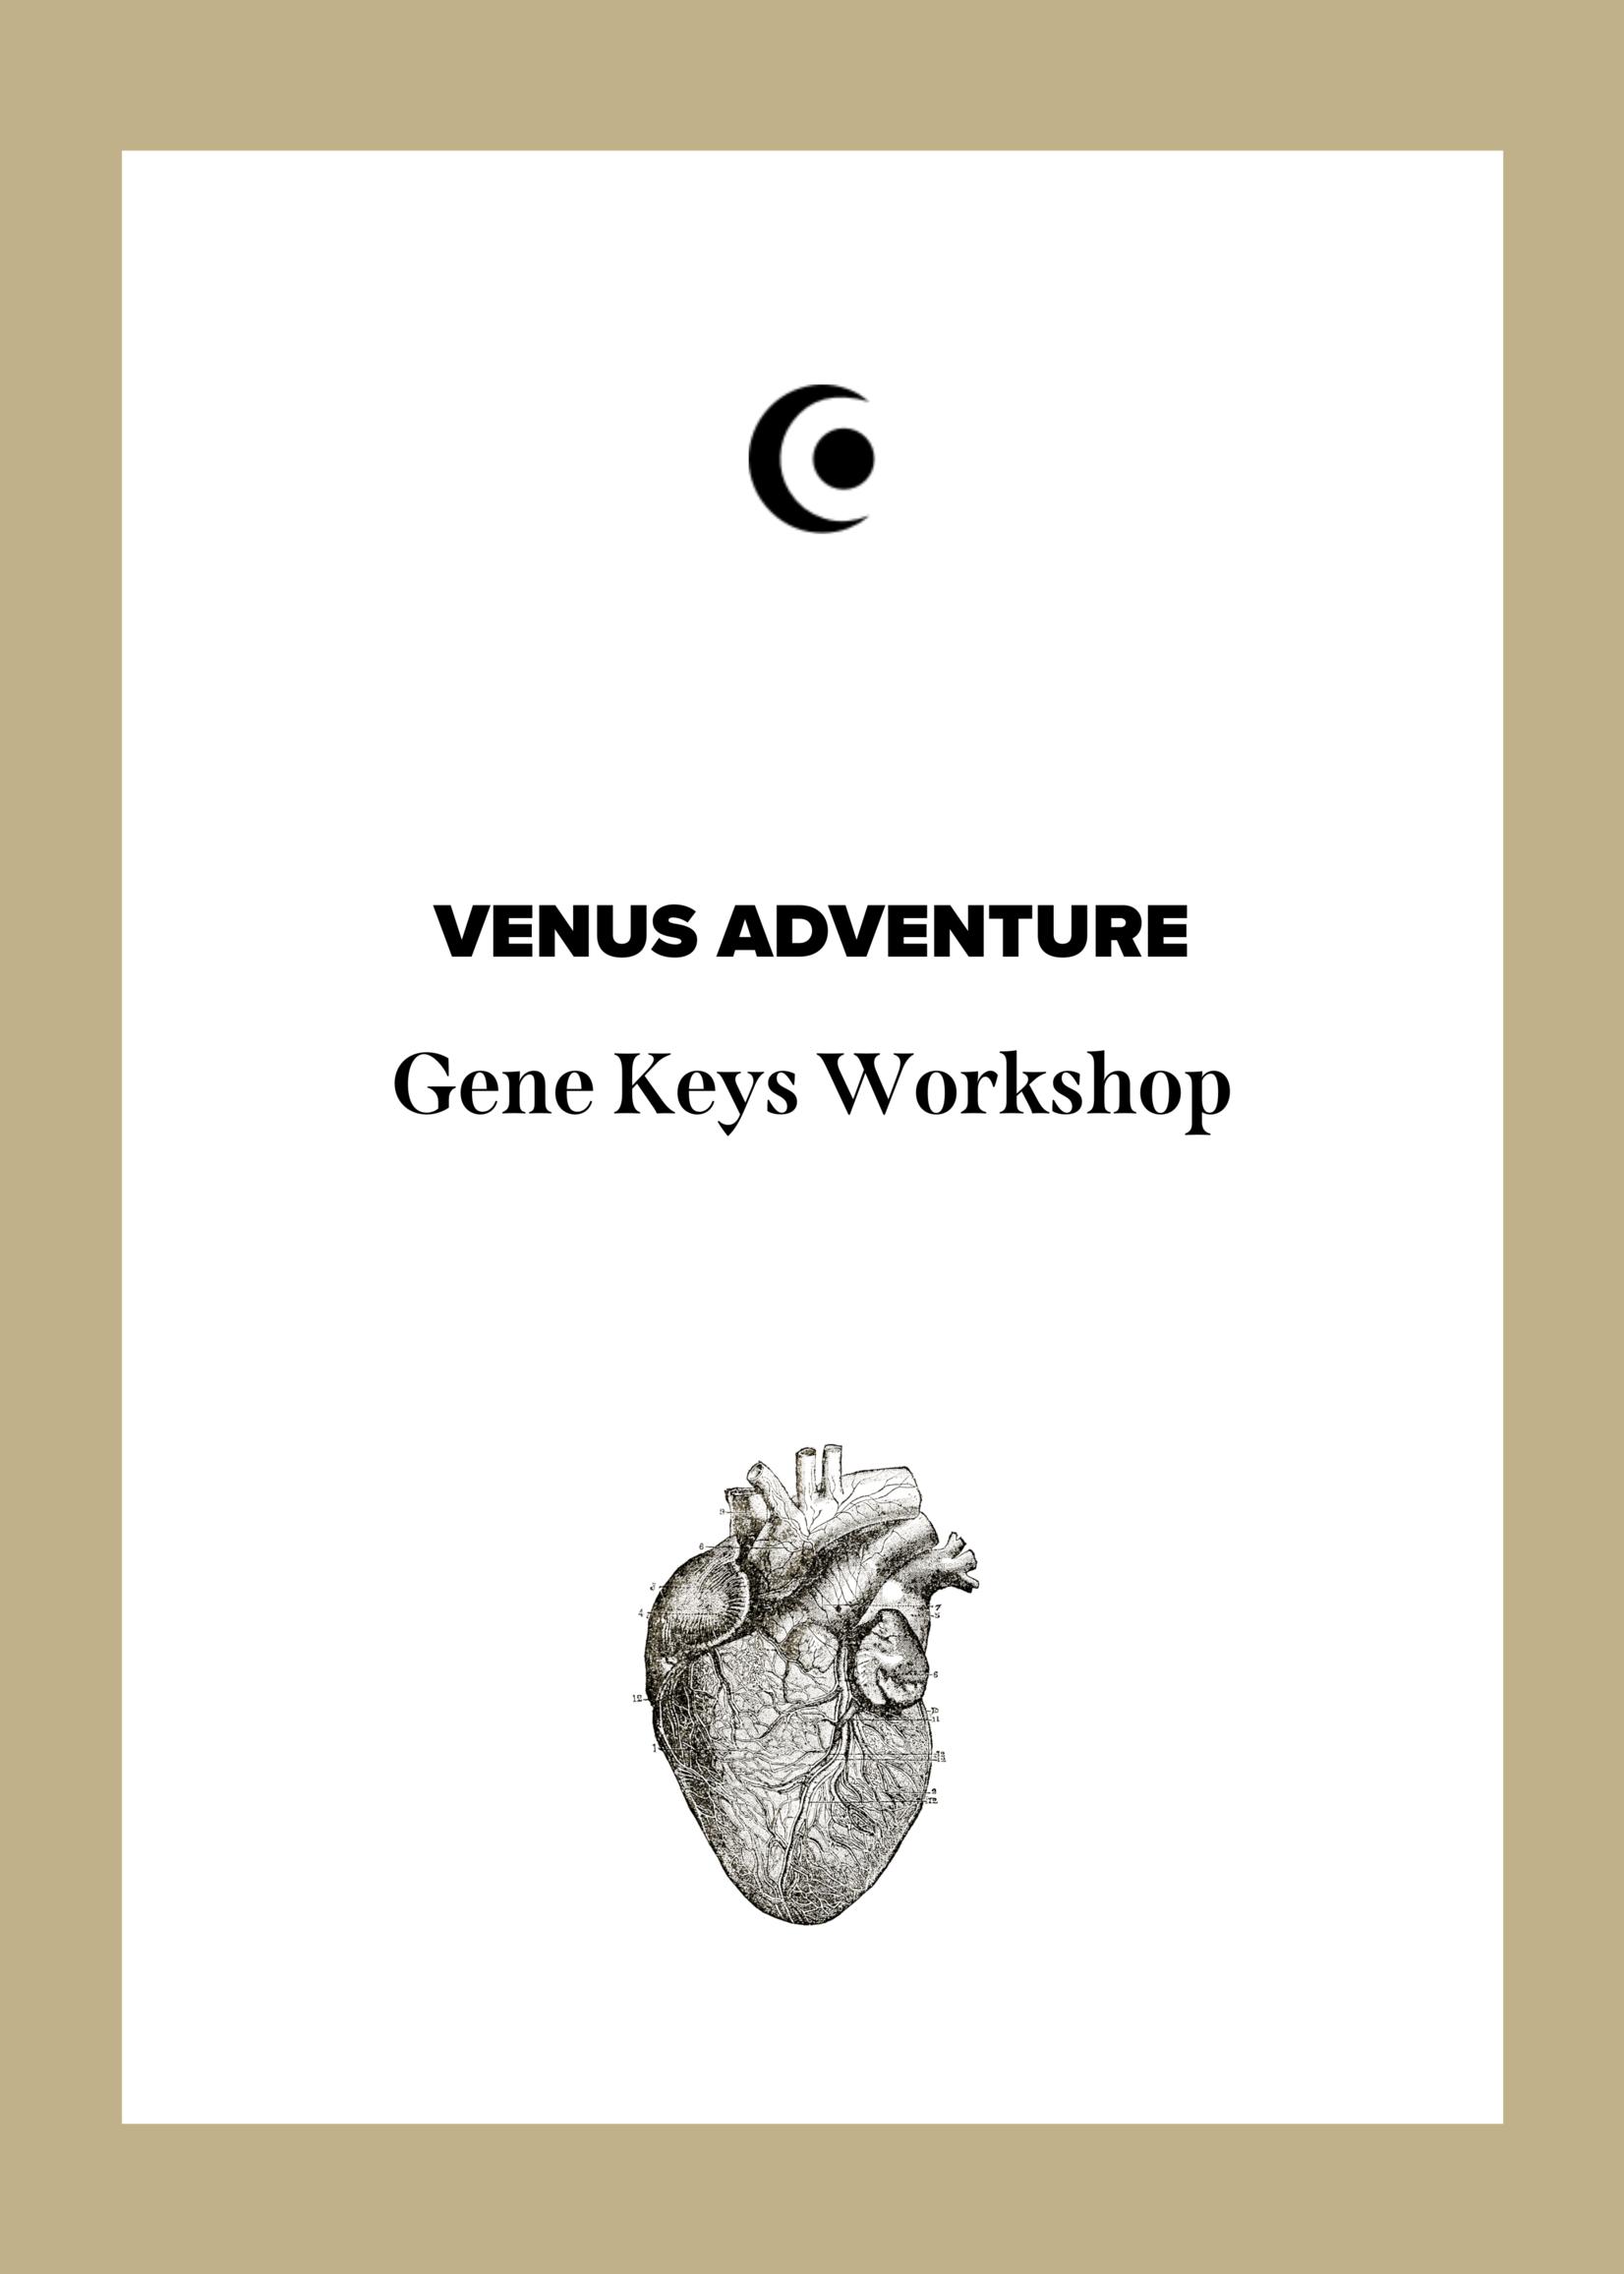 VENUS ADVENTURES Workshop